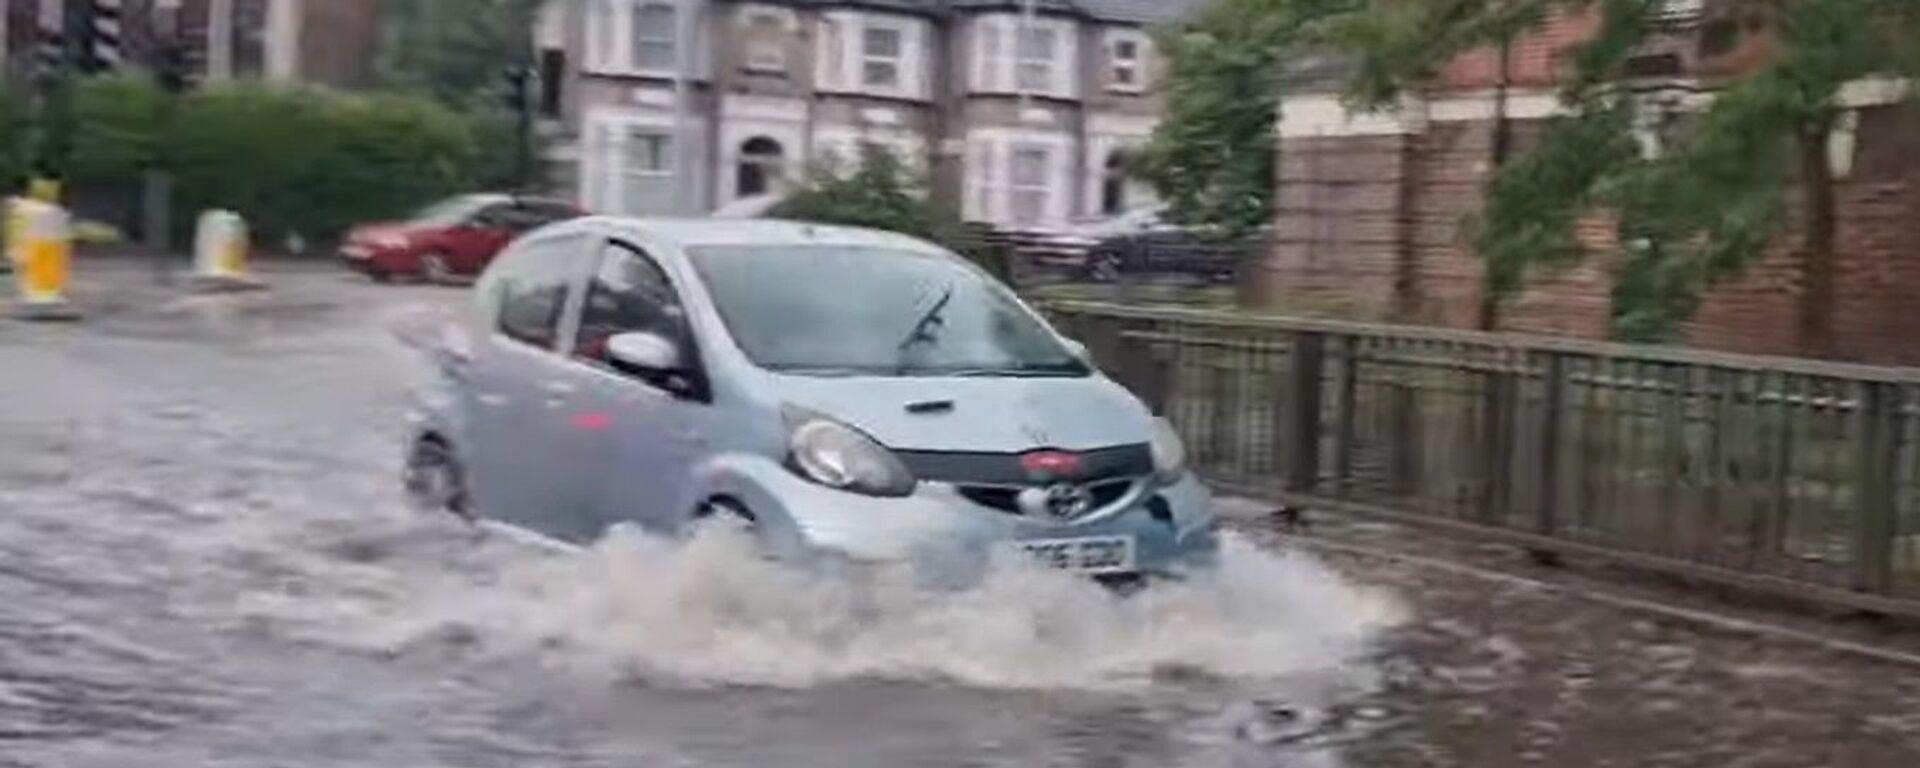 ძლიერმა წვიმებმა ლონდონში წყალდიდობა გამოიწვია - ვიდეო - Sputnik საქართველო, 1920, 26.07.2021